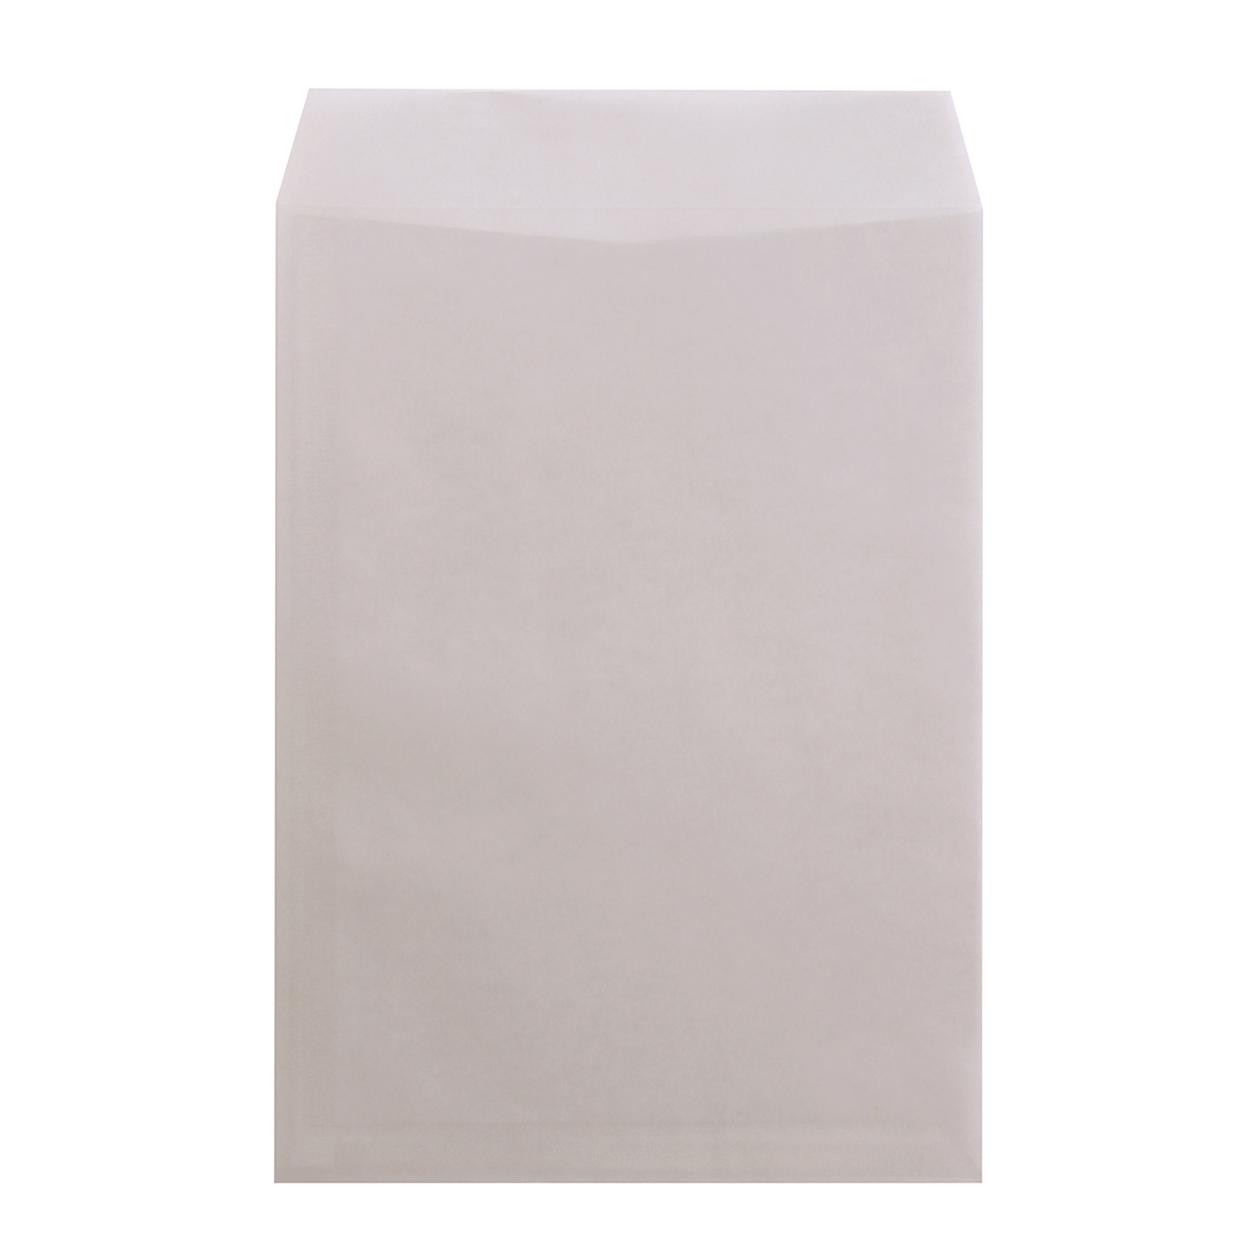 角2封筒 クラフトロウ引き スカイ